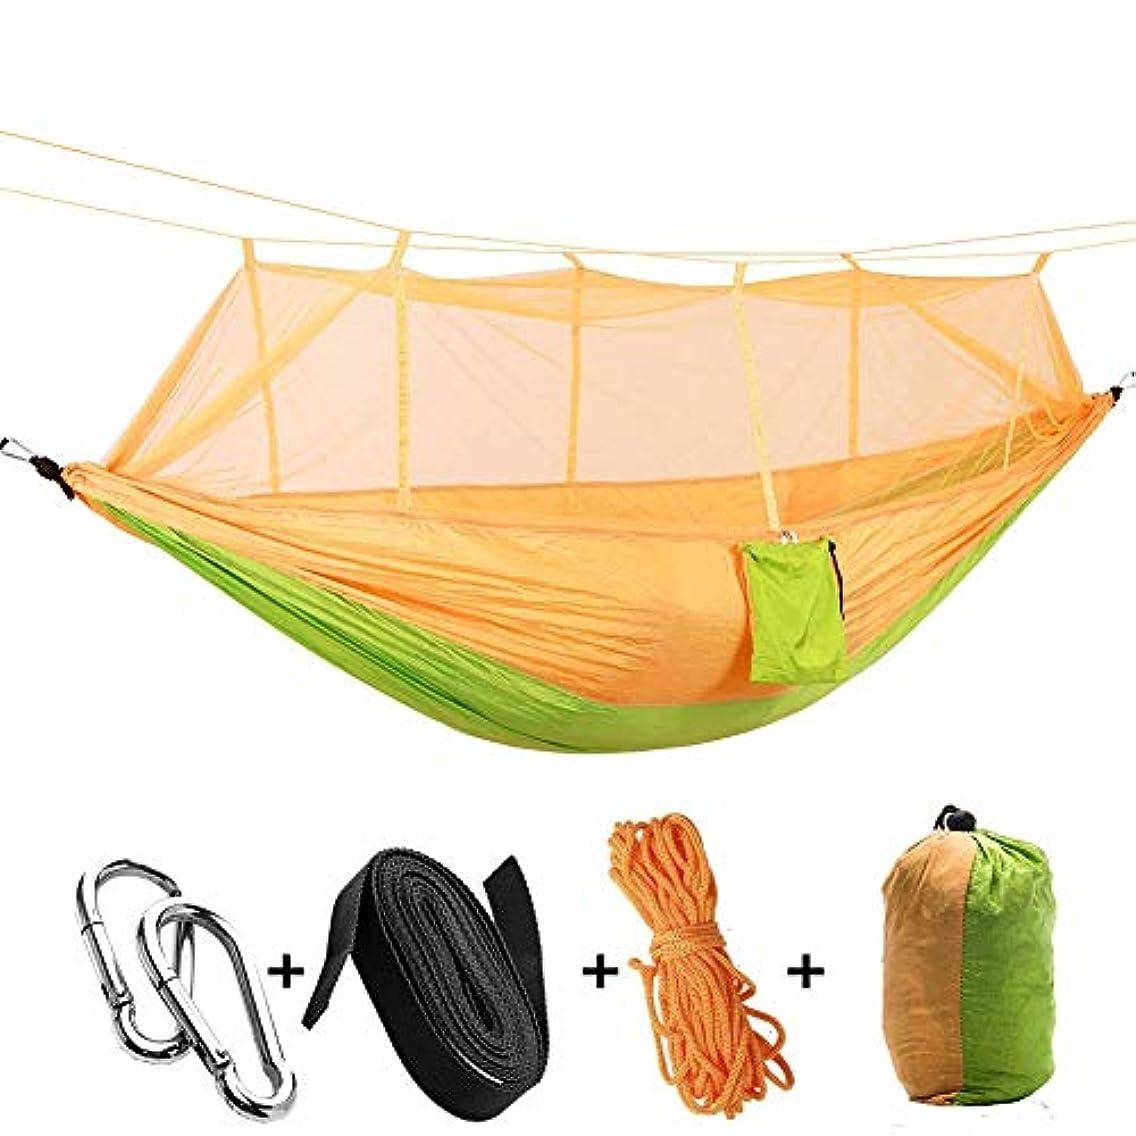 本当に前売バンジージャンプ大型キャンプハンモック、ポータブル屋外パラシュート布蚊バグネット通気性速乾性スイング用ハイキング旅行 (Color : D)